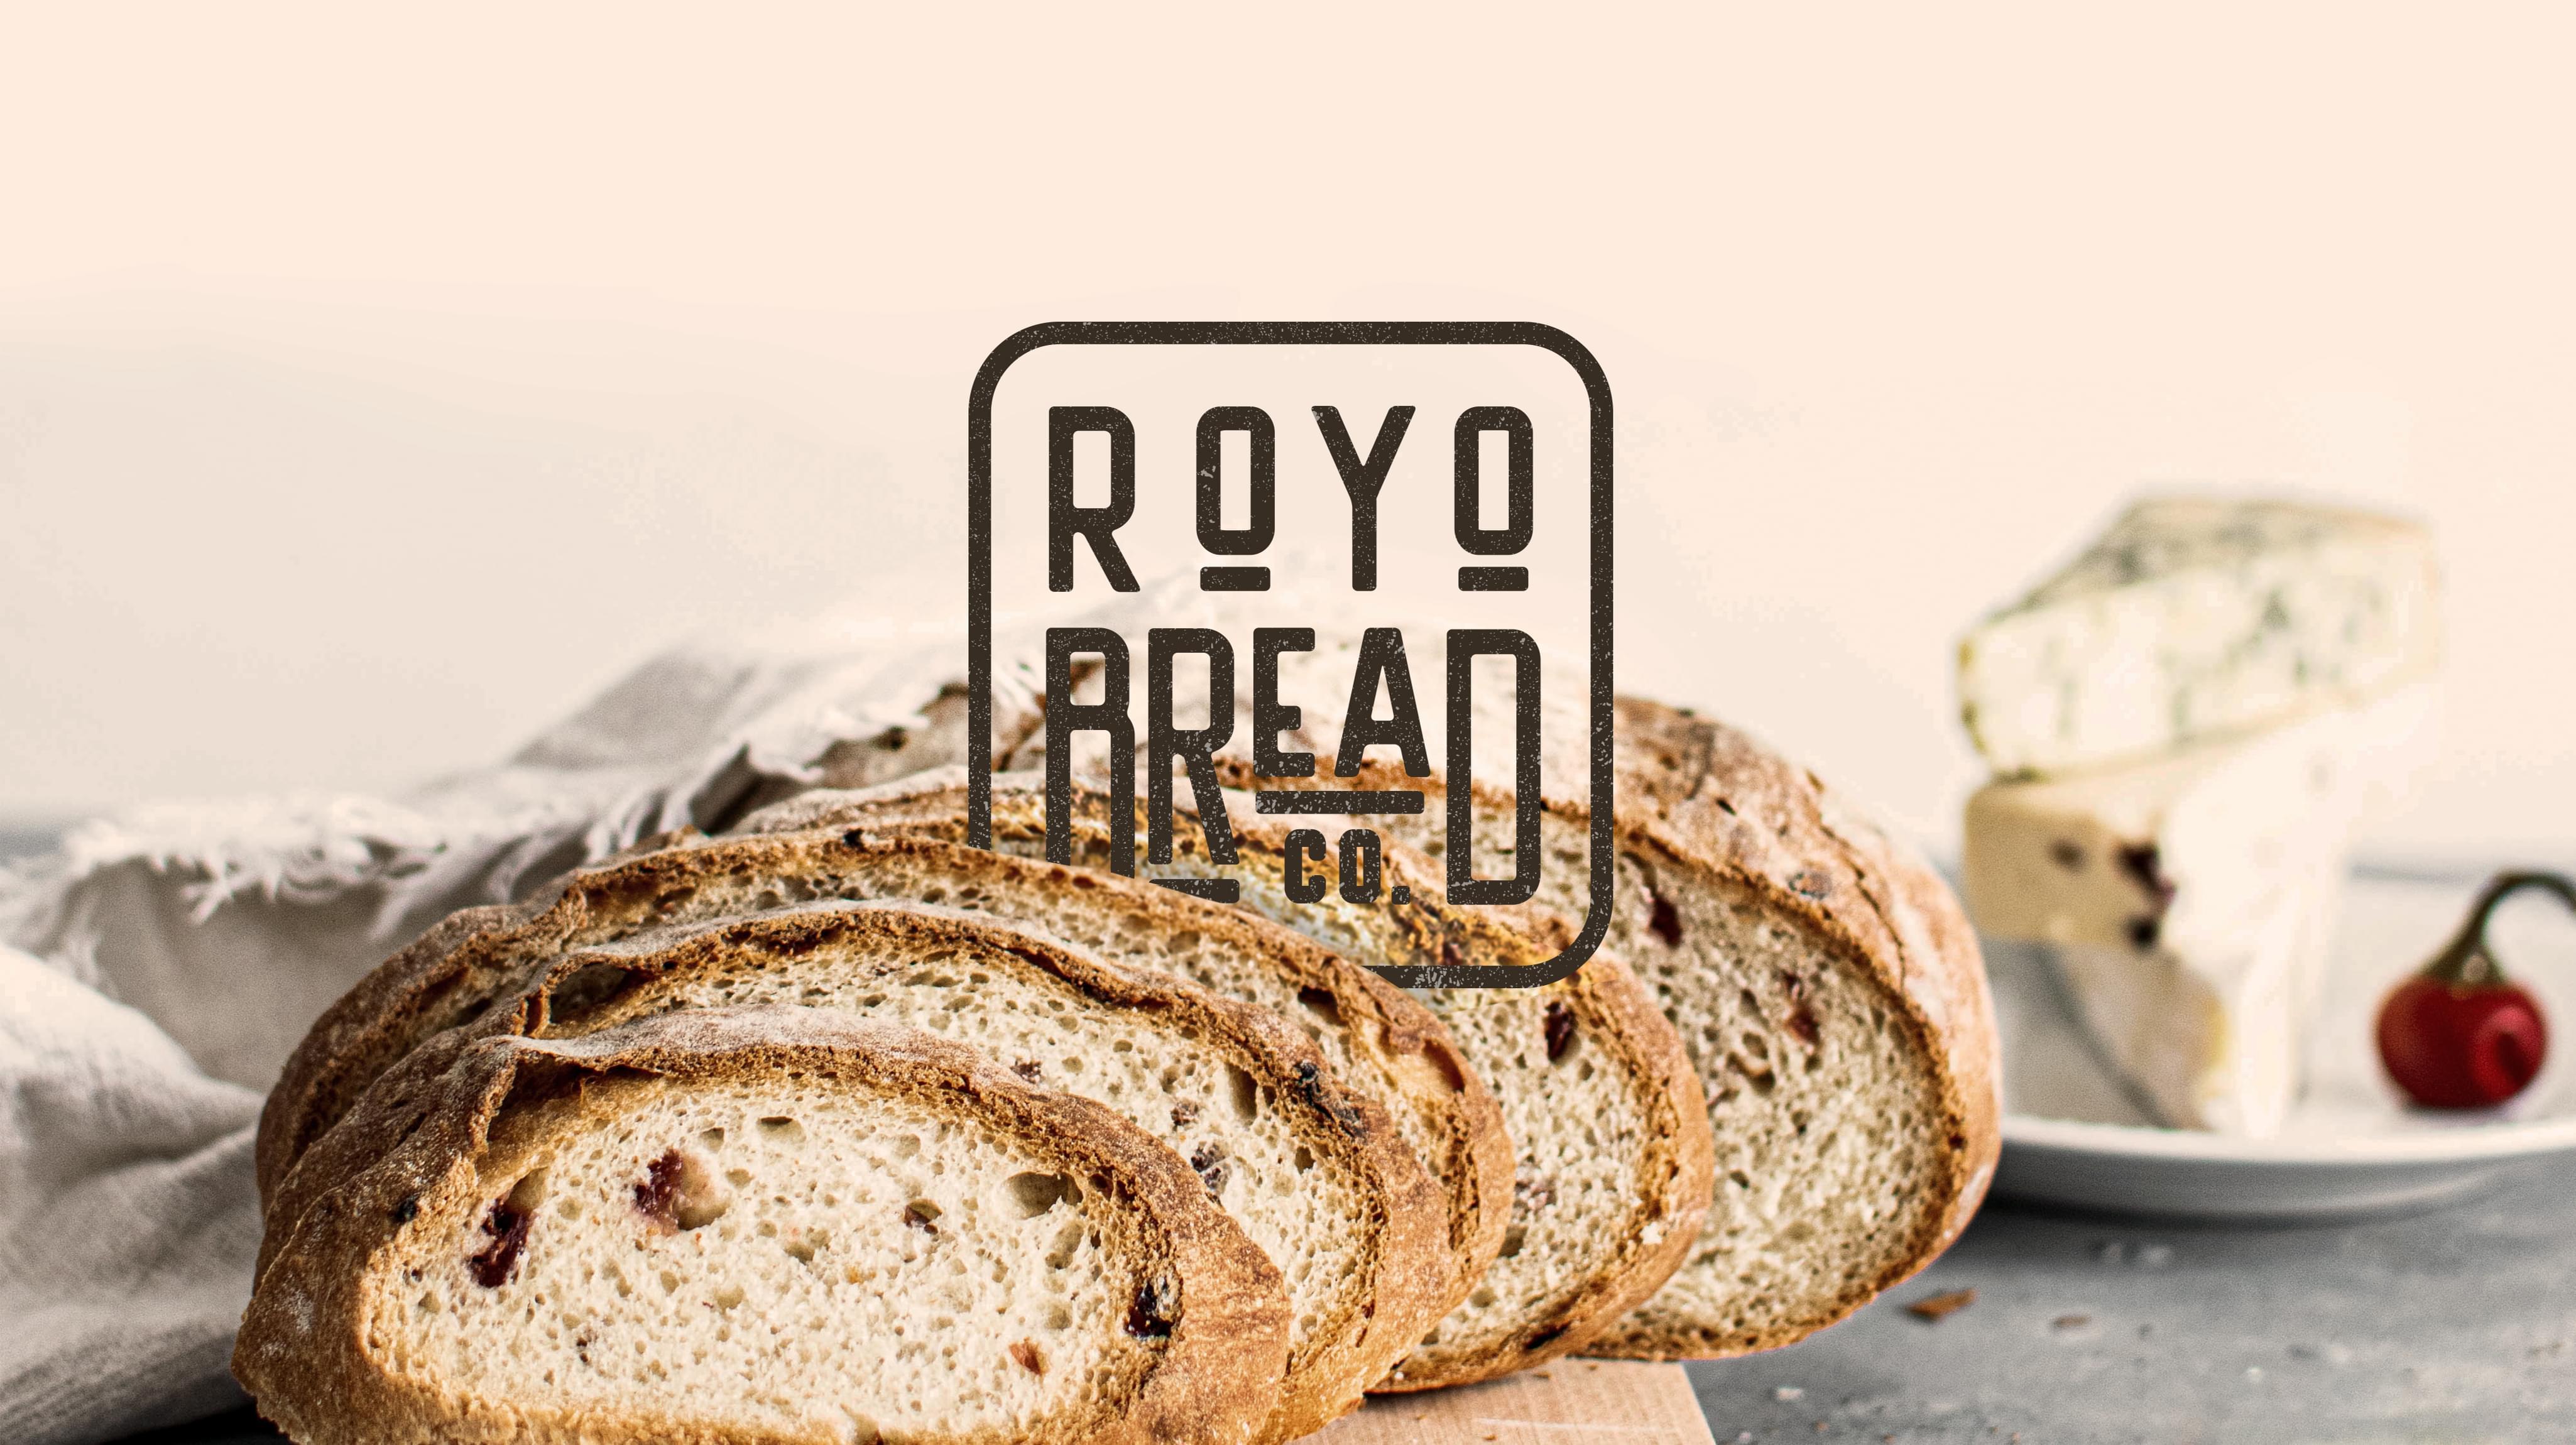 RoYo Bread | Order #1 Custom Branding 2021 | Branding Agency Branding